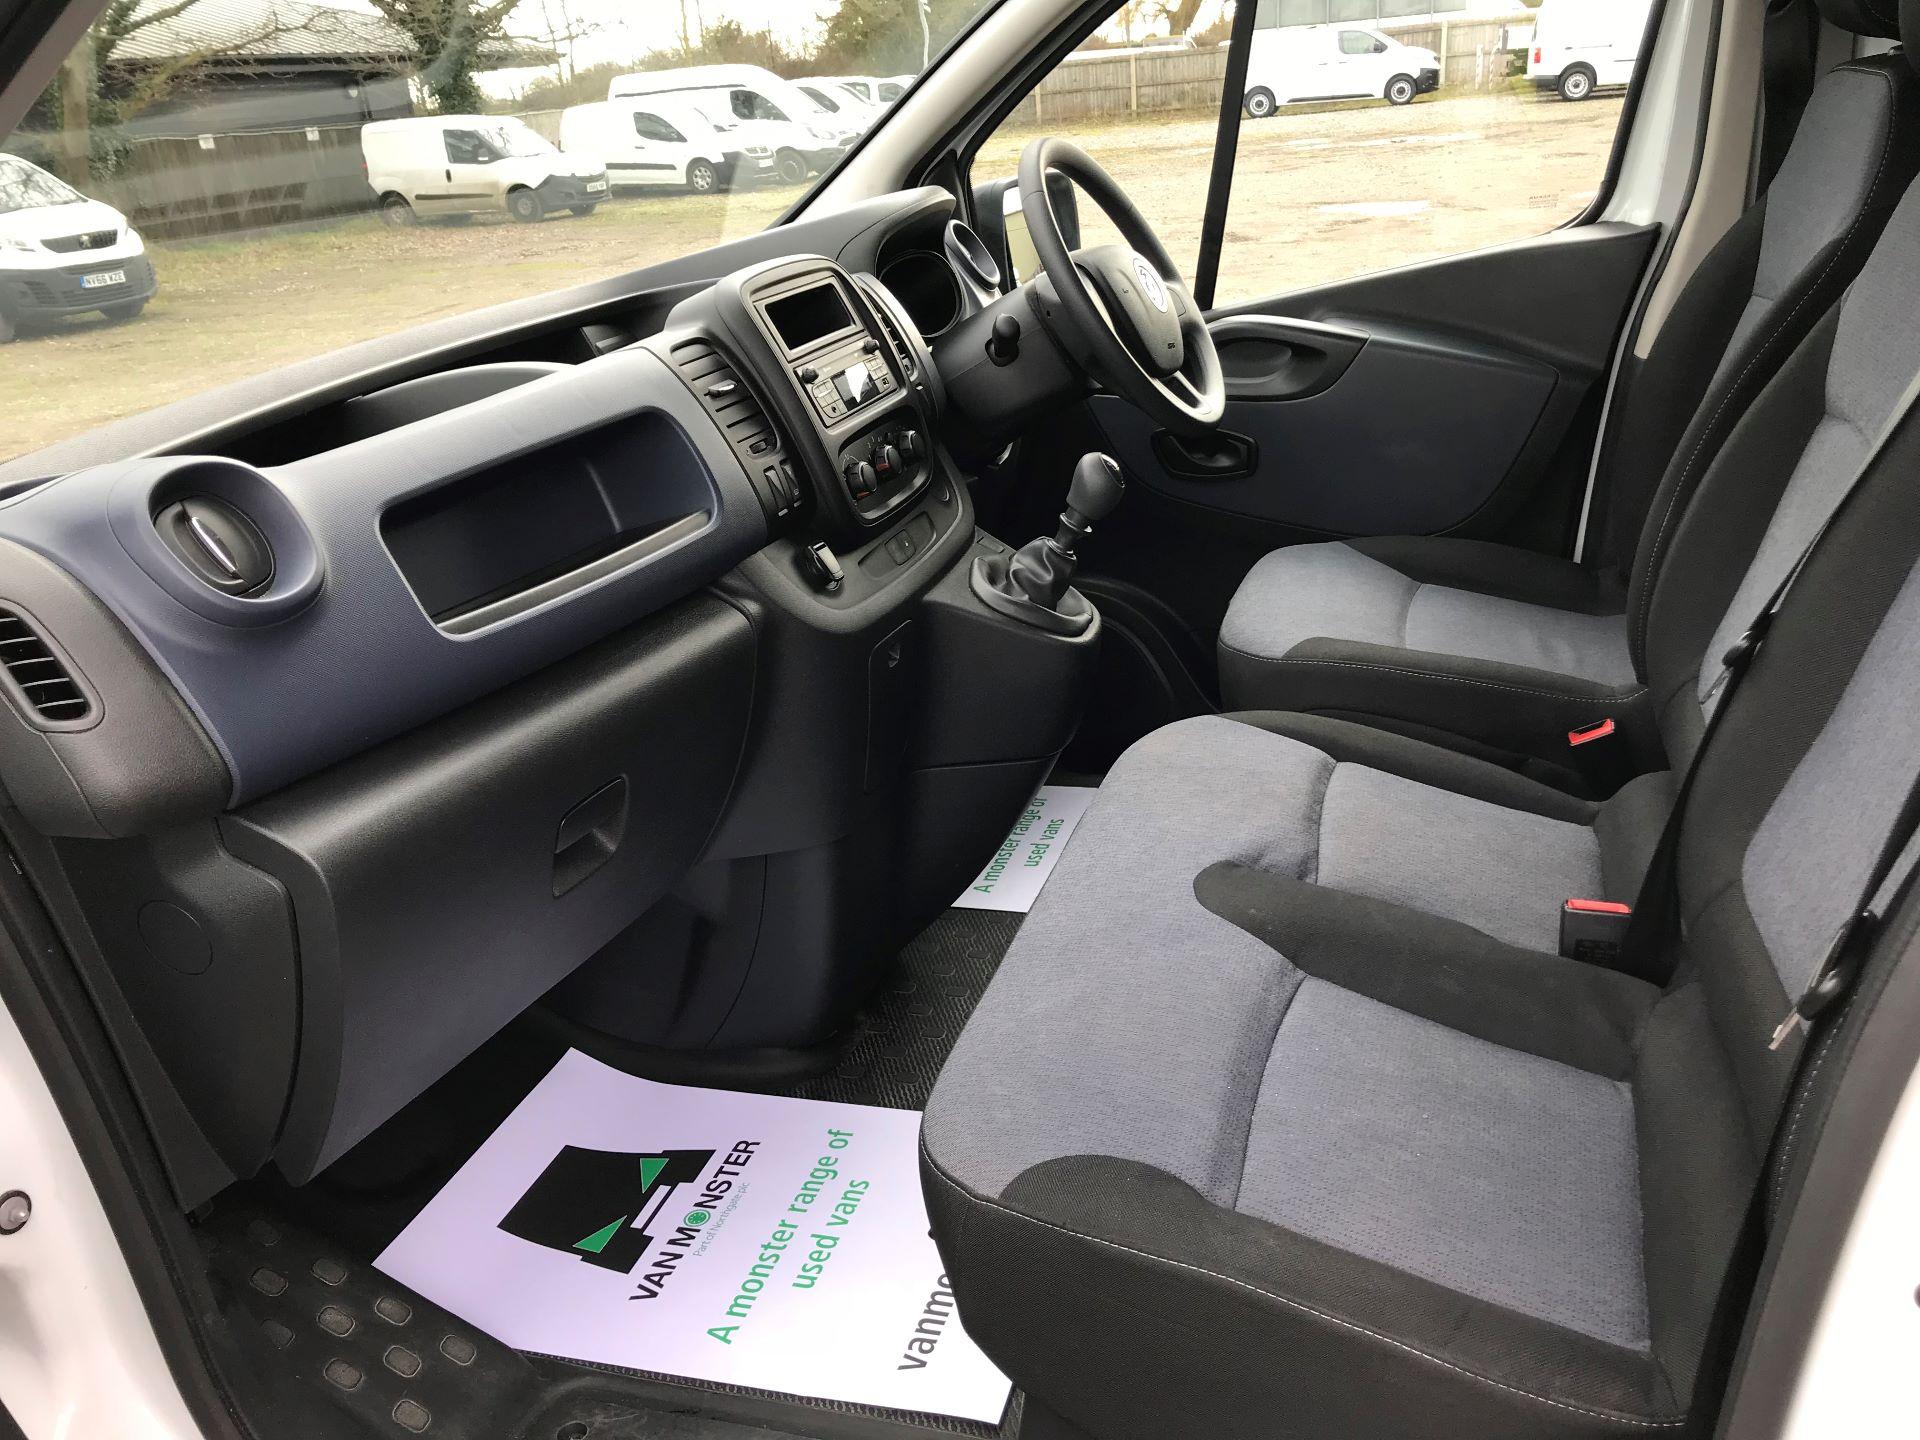 2017 Vauxhall Vivaro L2 H1 2900 1.6CDTI 120PS EURO 6 (DV67WLK) Image 22